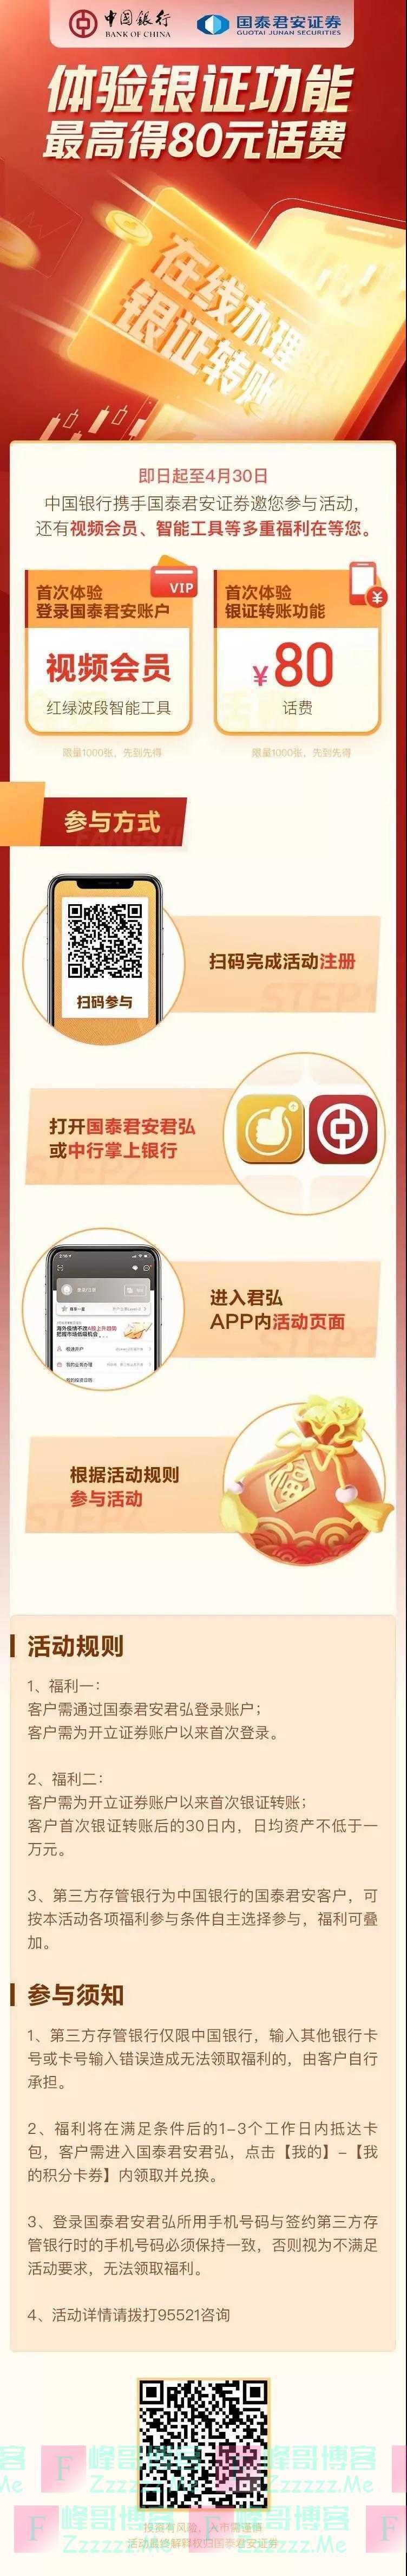 中国银行携手国泰君安送礼(截止4月30日)